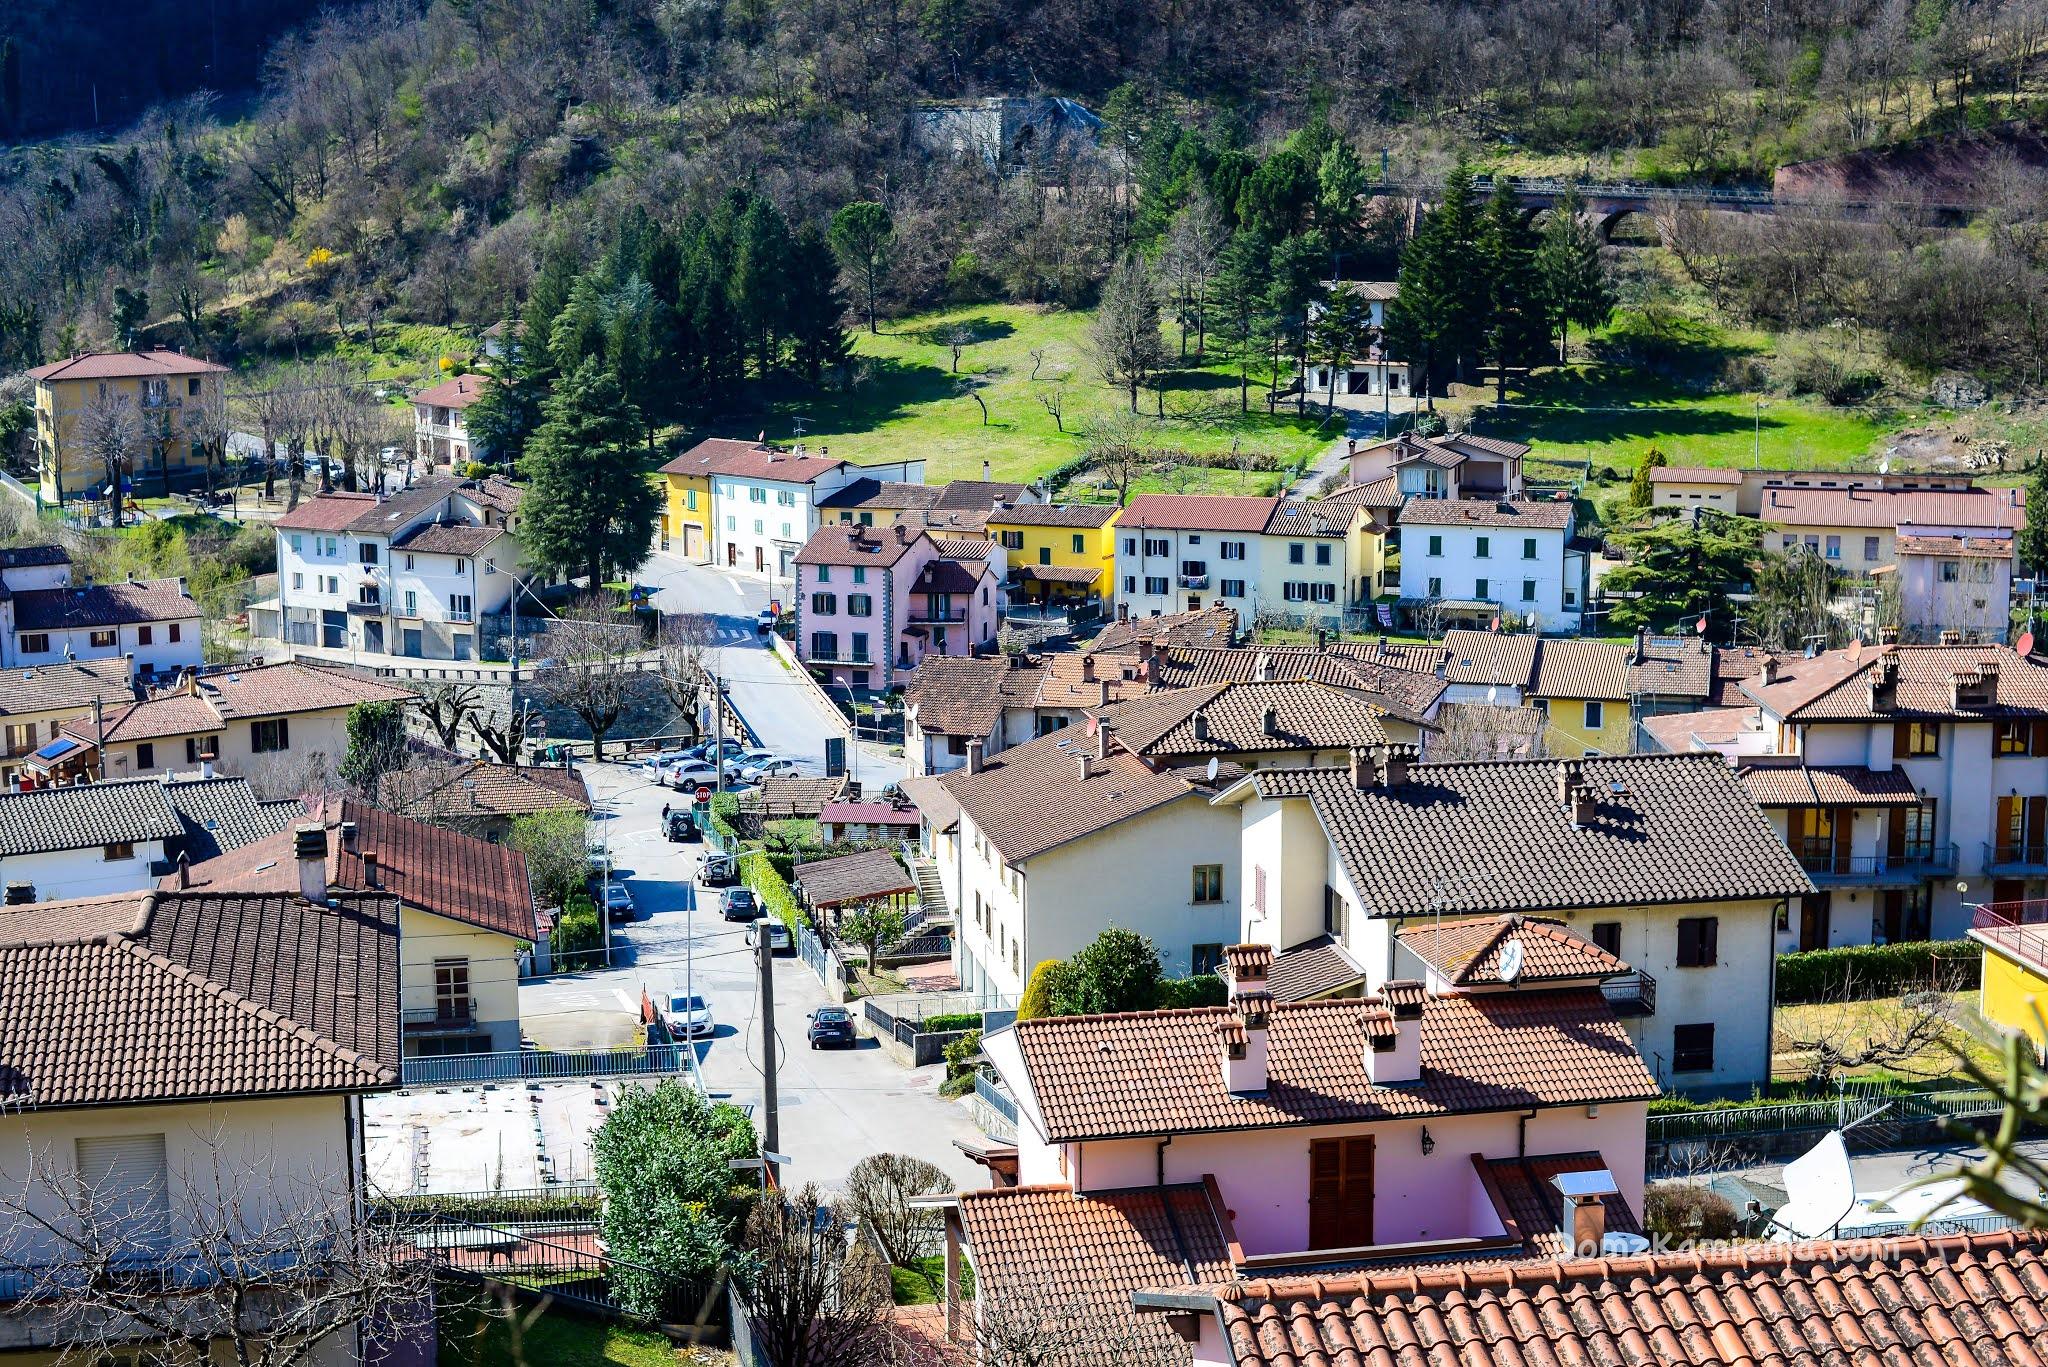 Biforco - Dom z Kamienia, blog o życiu w Toskanii